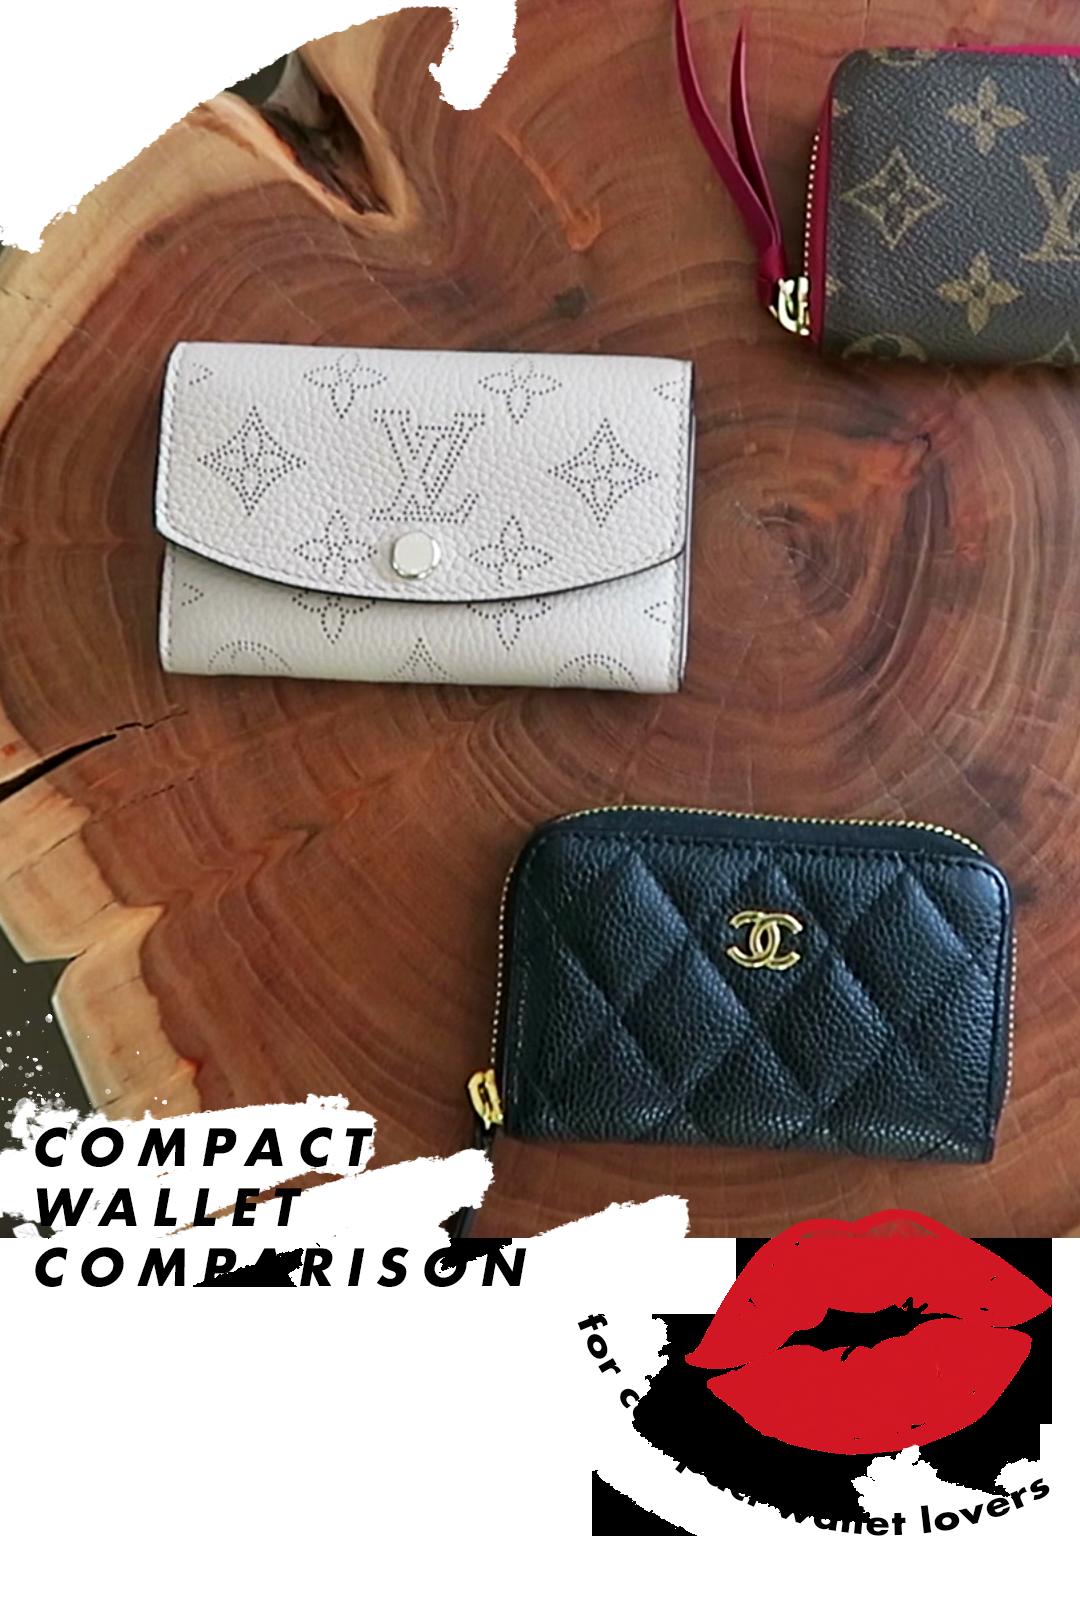 luxury wallet comparison.png